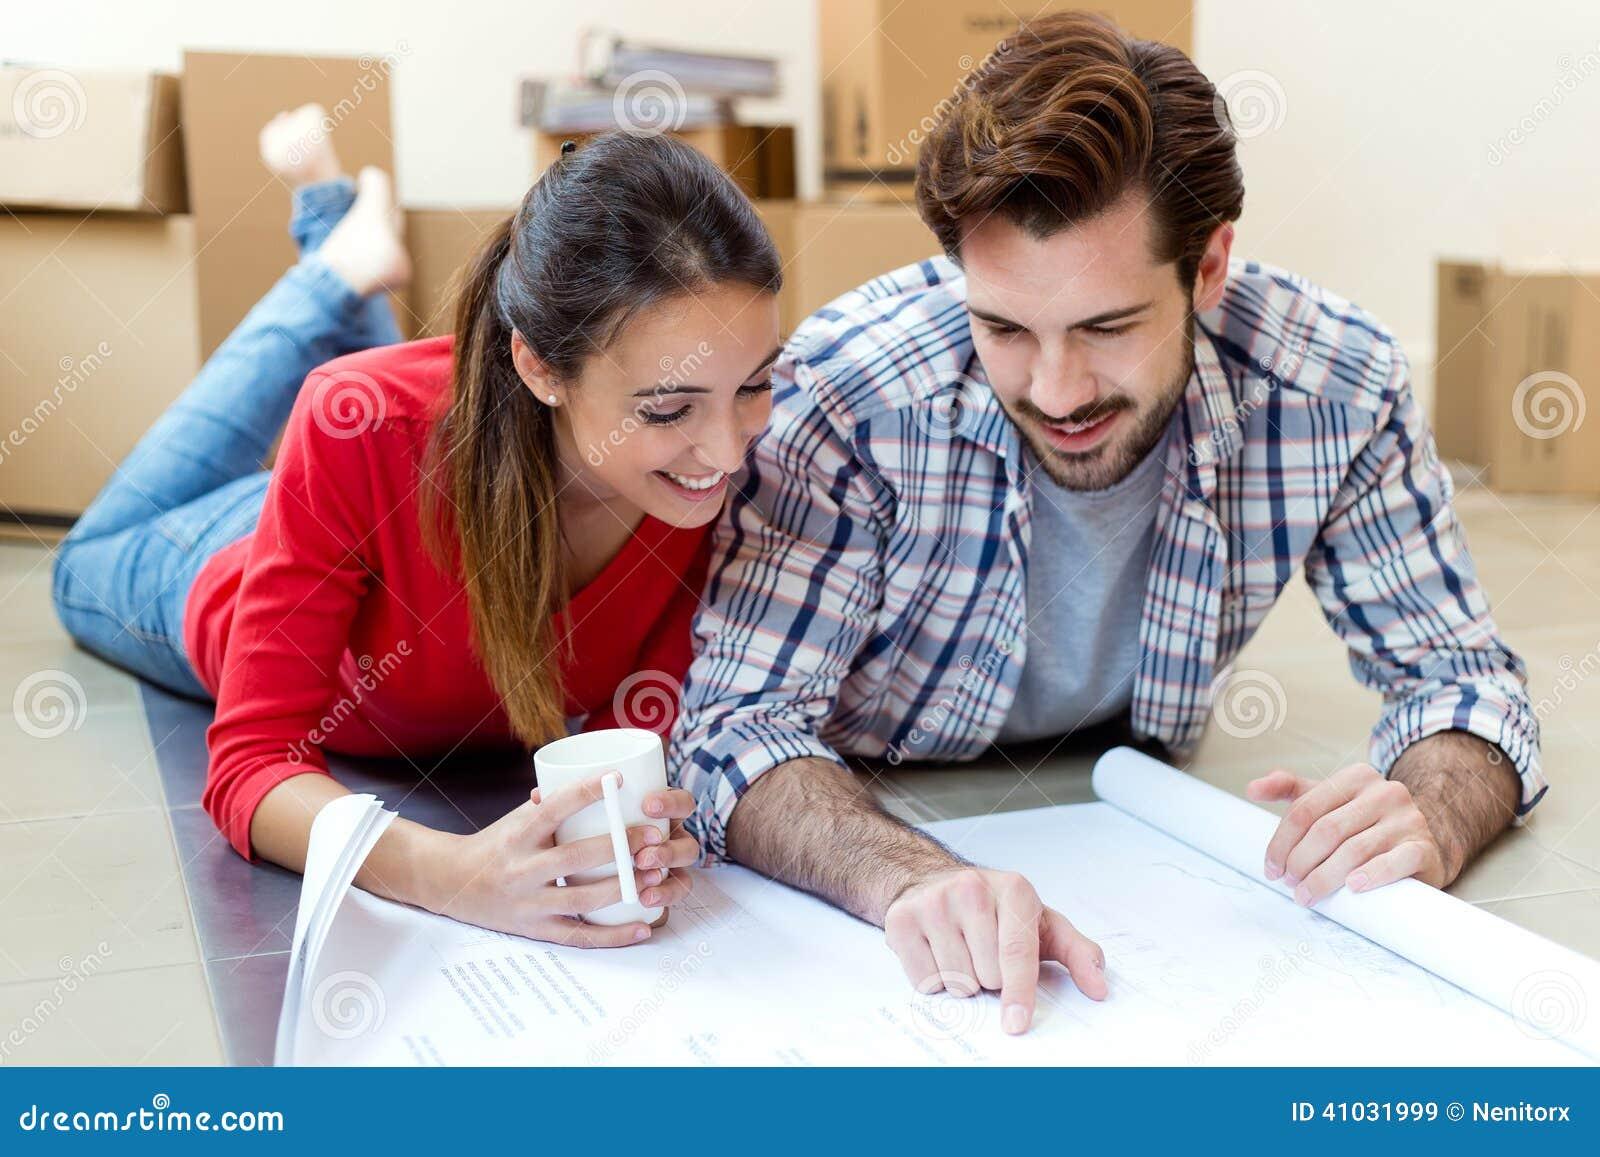 Jong paar die de blauwdrukken van hun nieuw huis bekijken